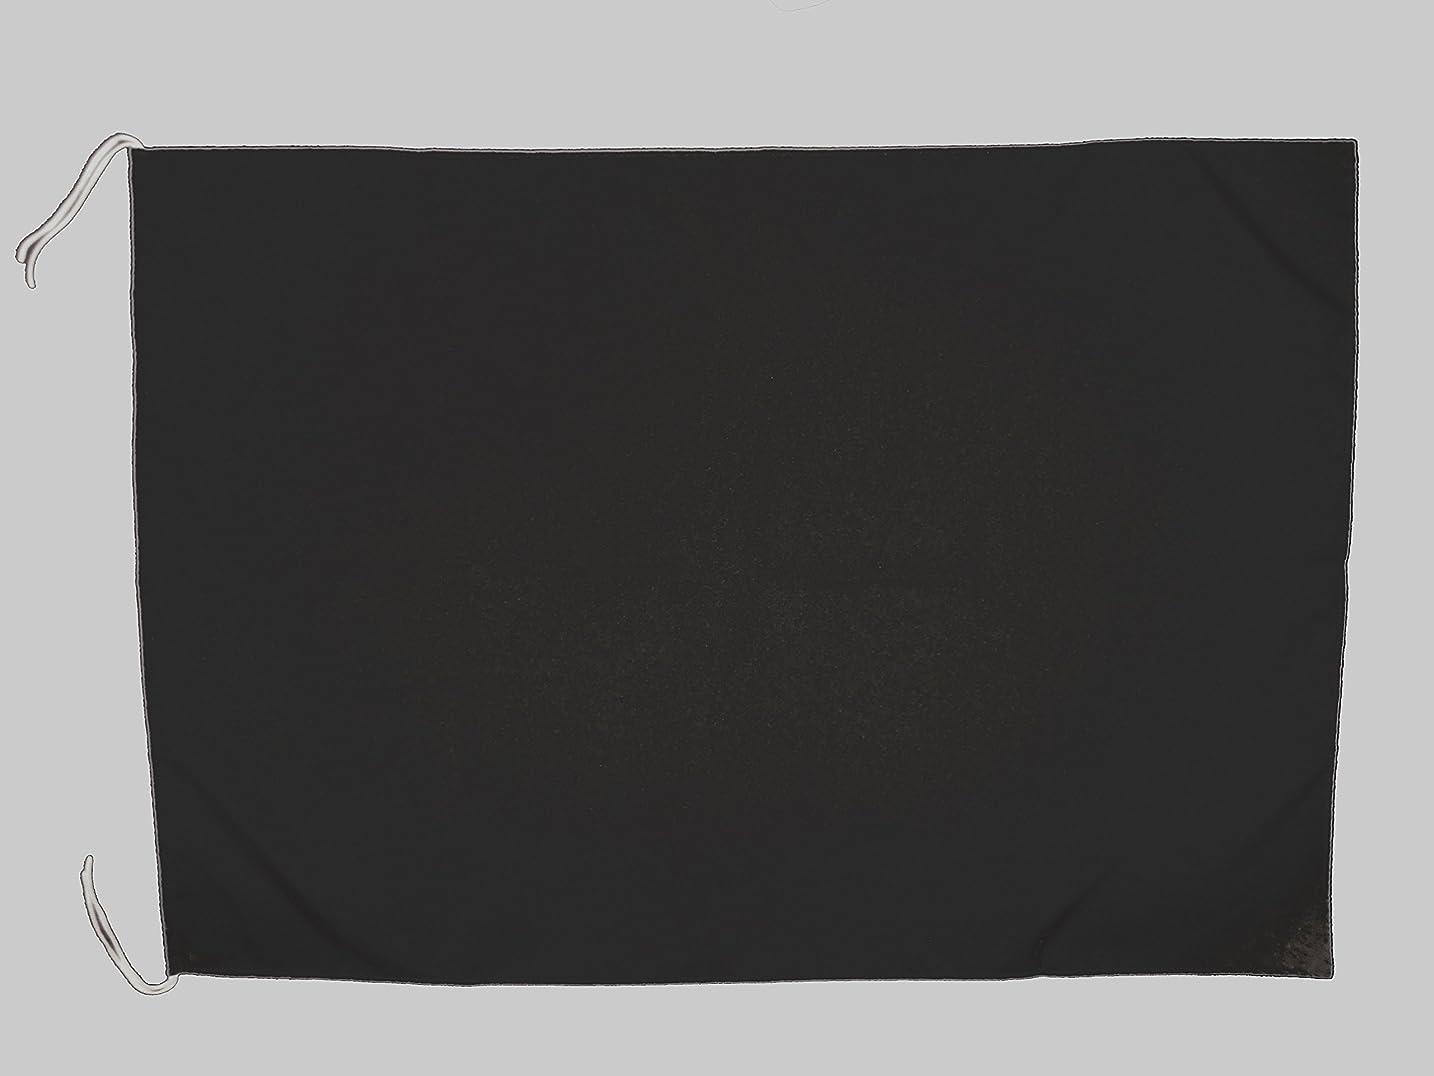 落ち着いて彫刻ベルTOMAC 紐付色旗 綿 IHC-05-15 黒 50×70㎝